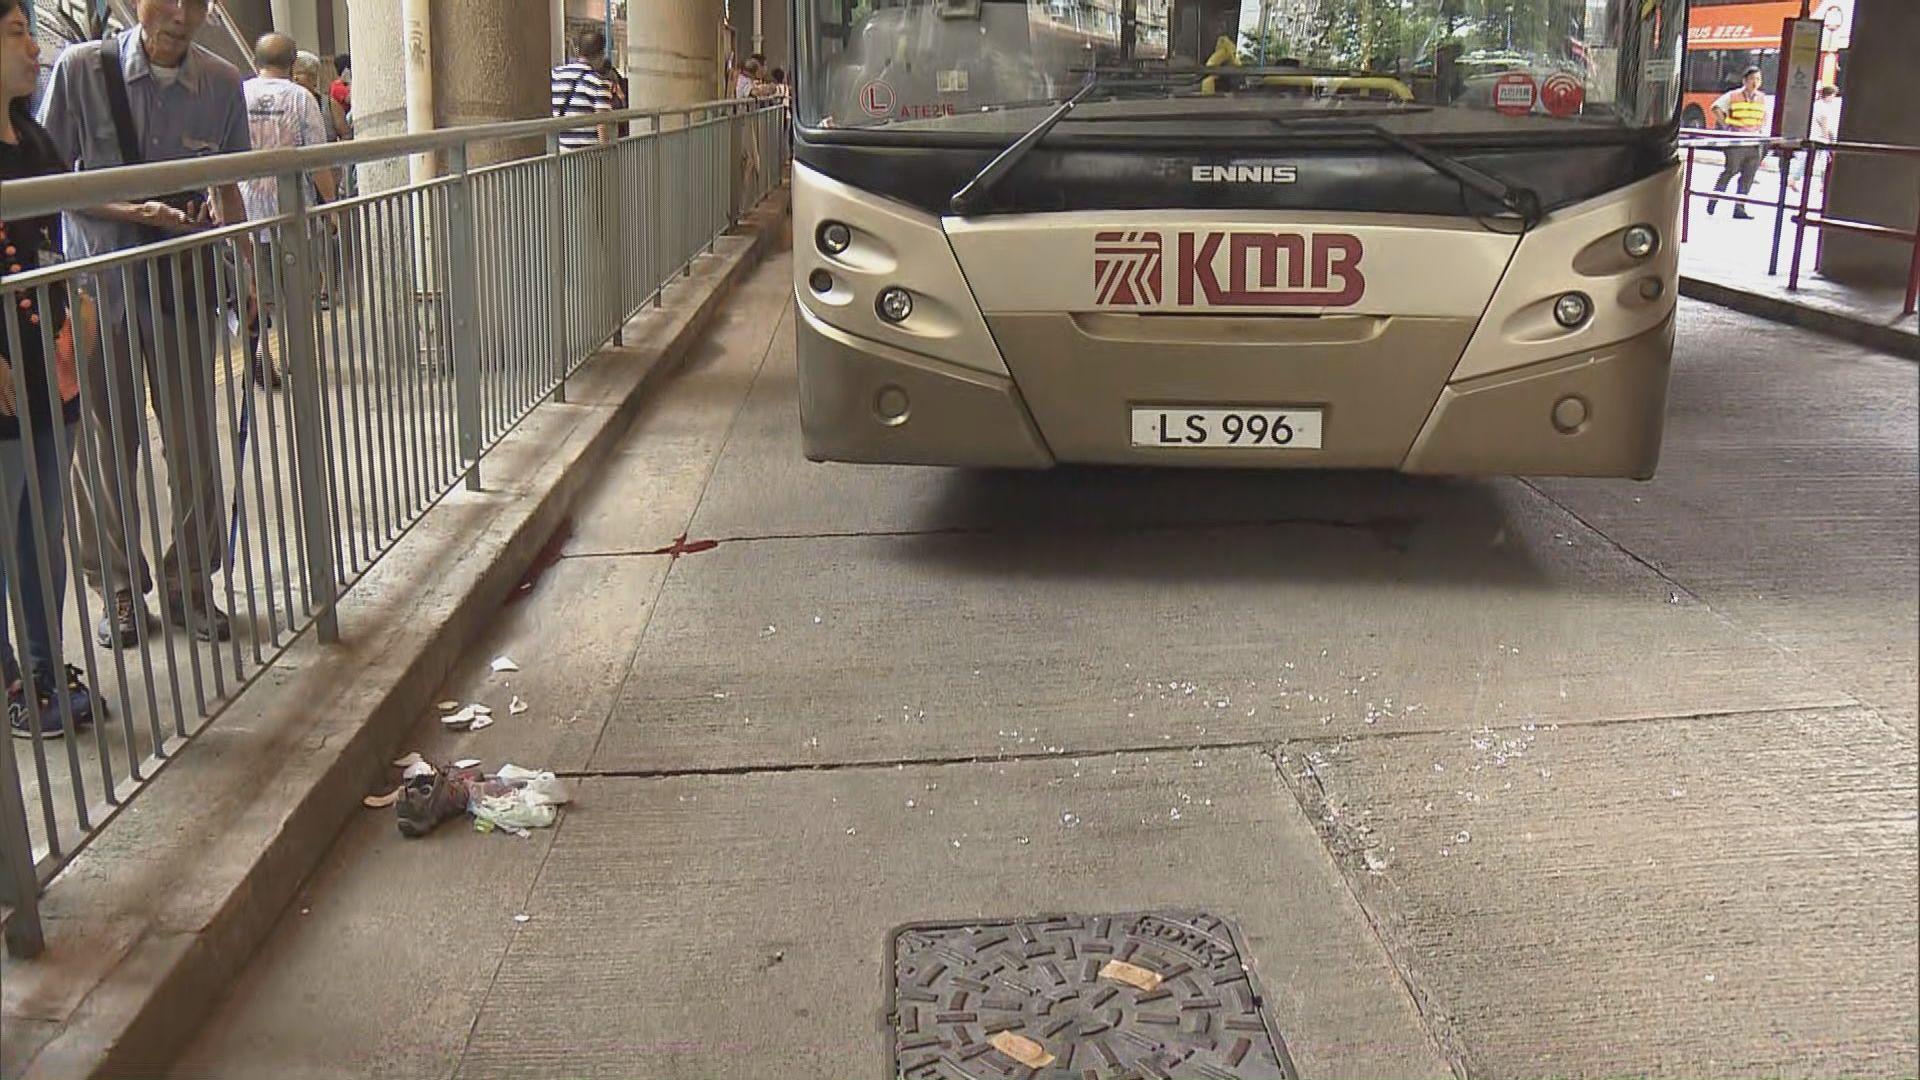 青衣女子被巴士撞倒困車底 昏迷送院